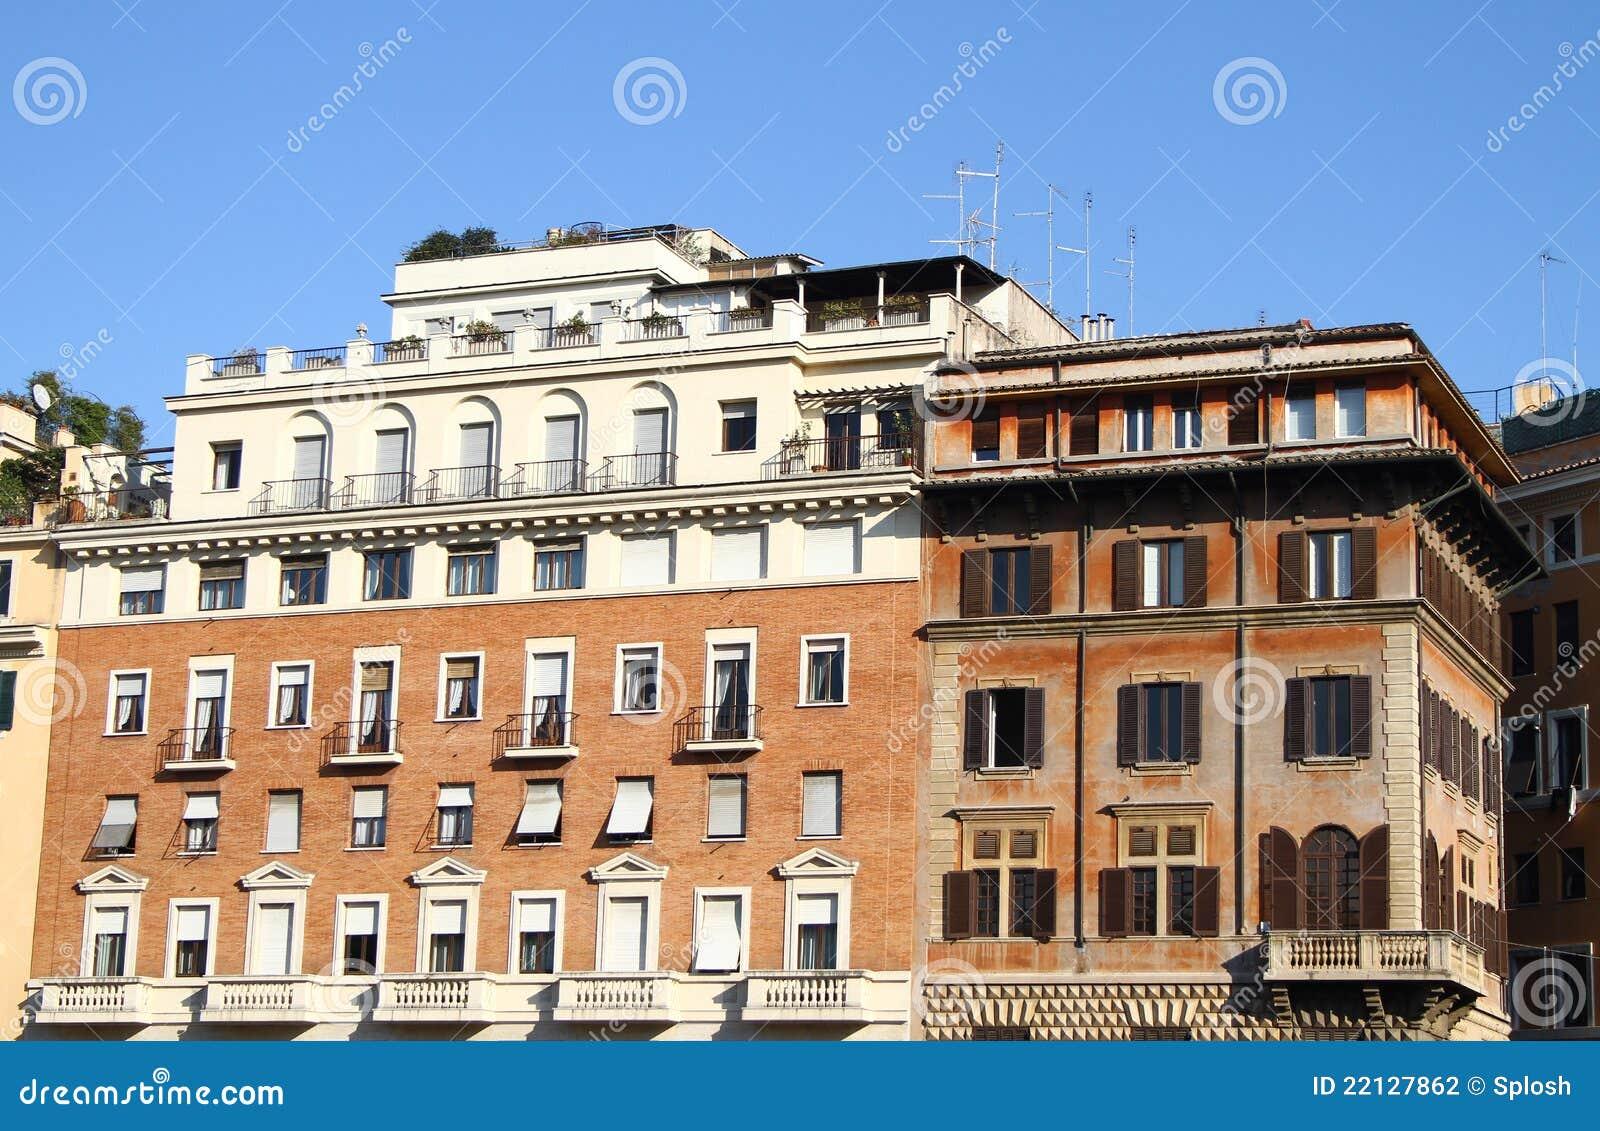 Case italiane fotografia stock immagine di citt for Case italiane